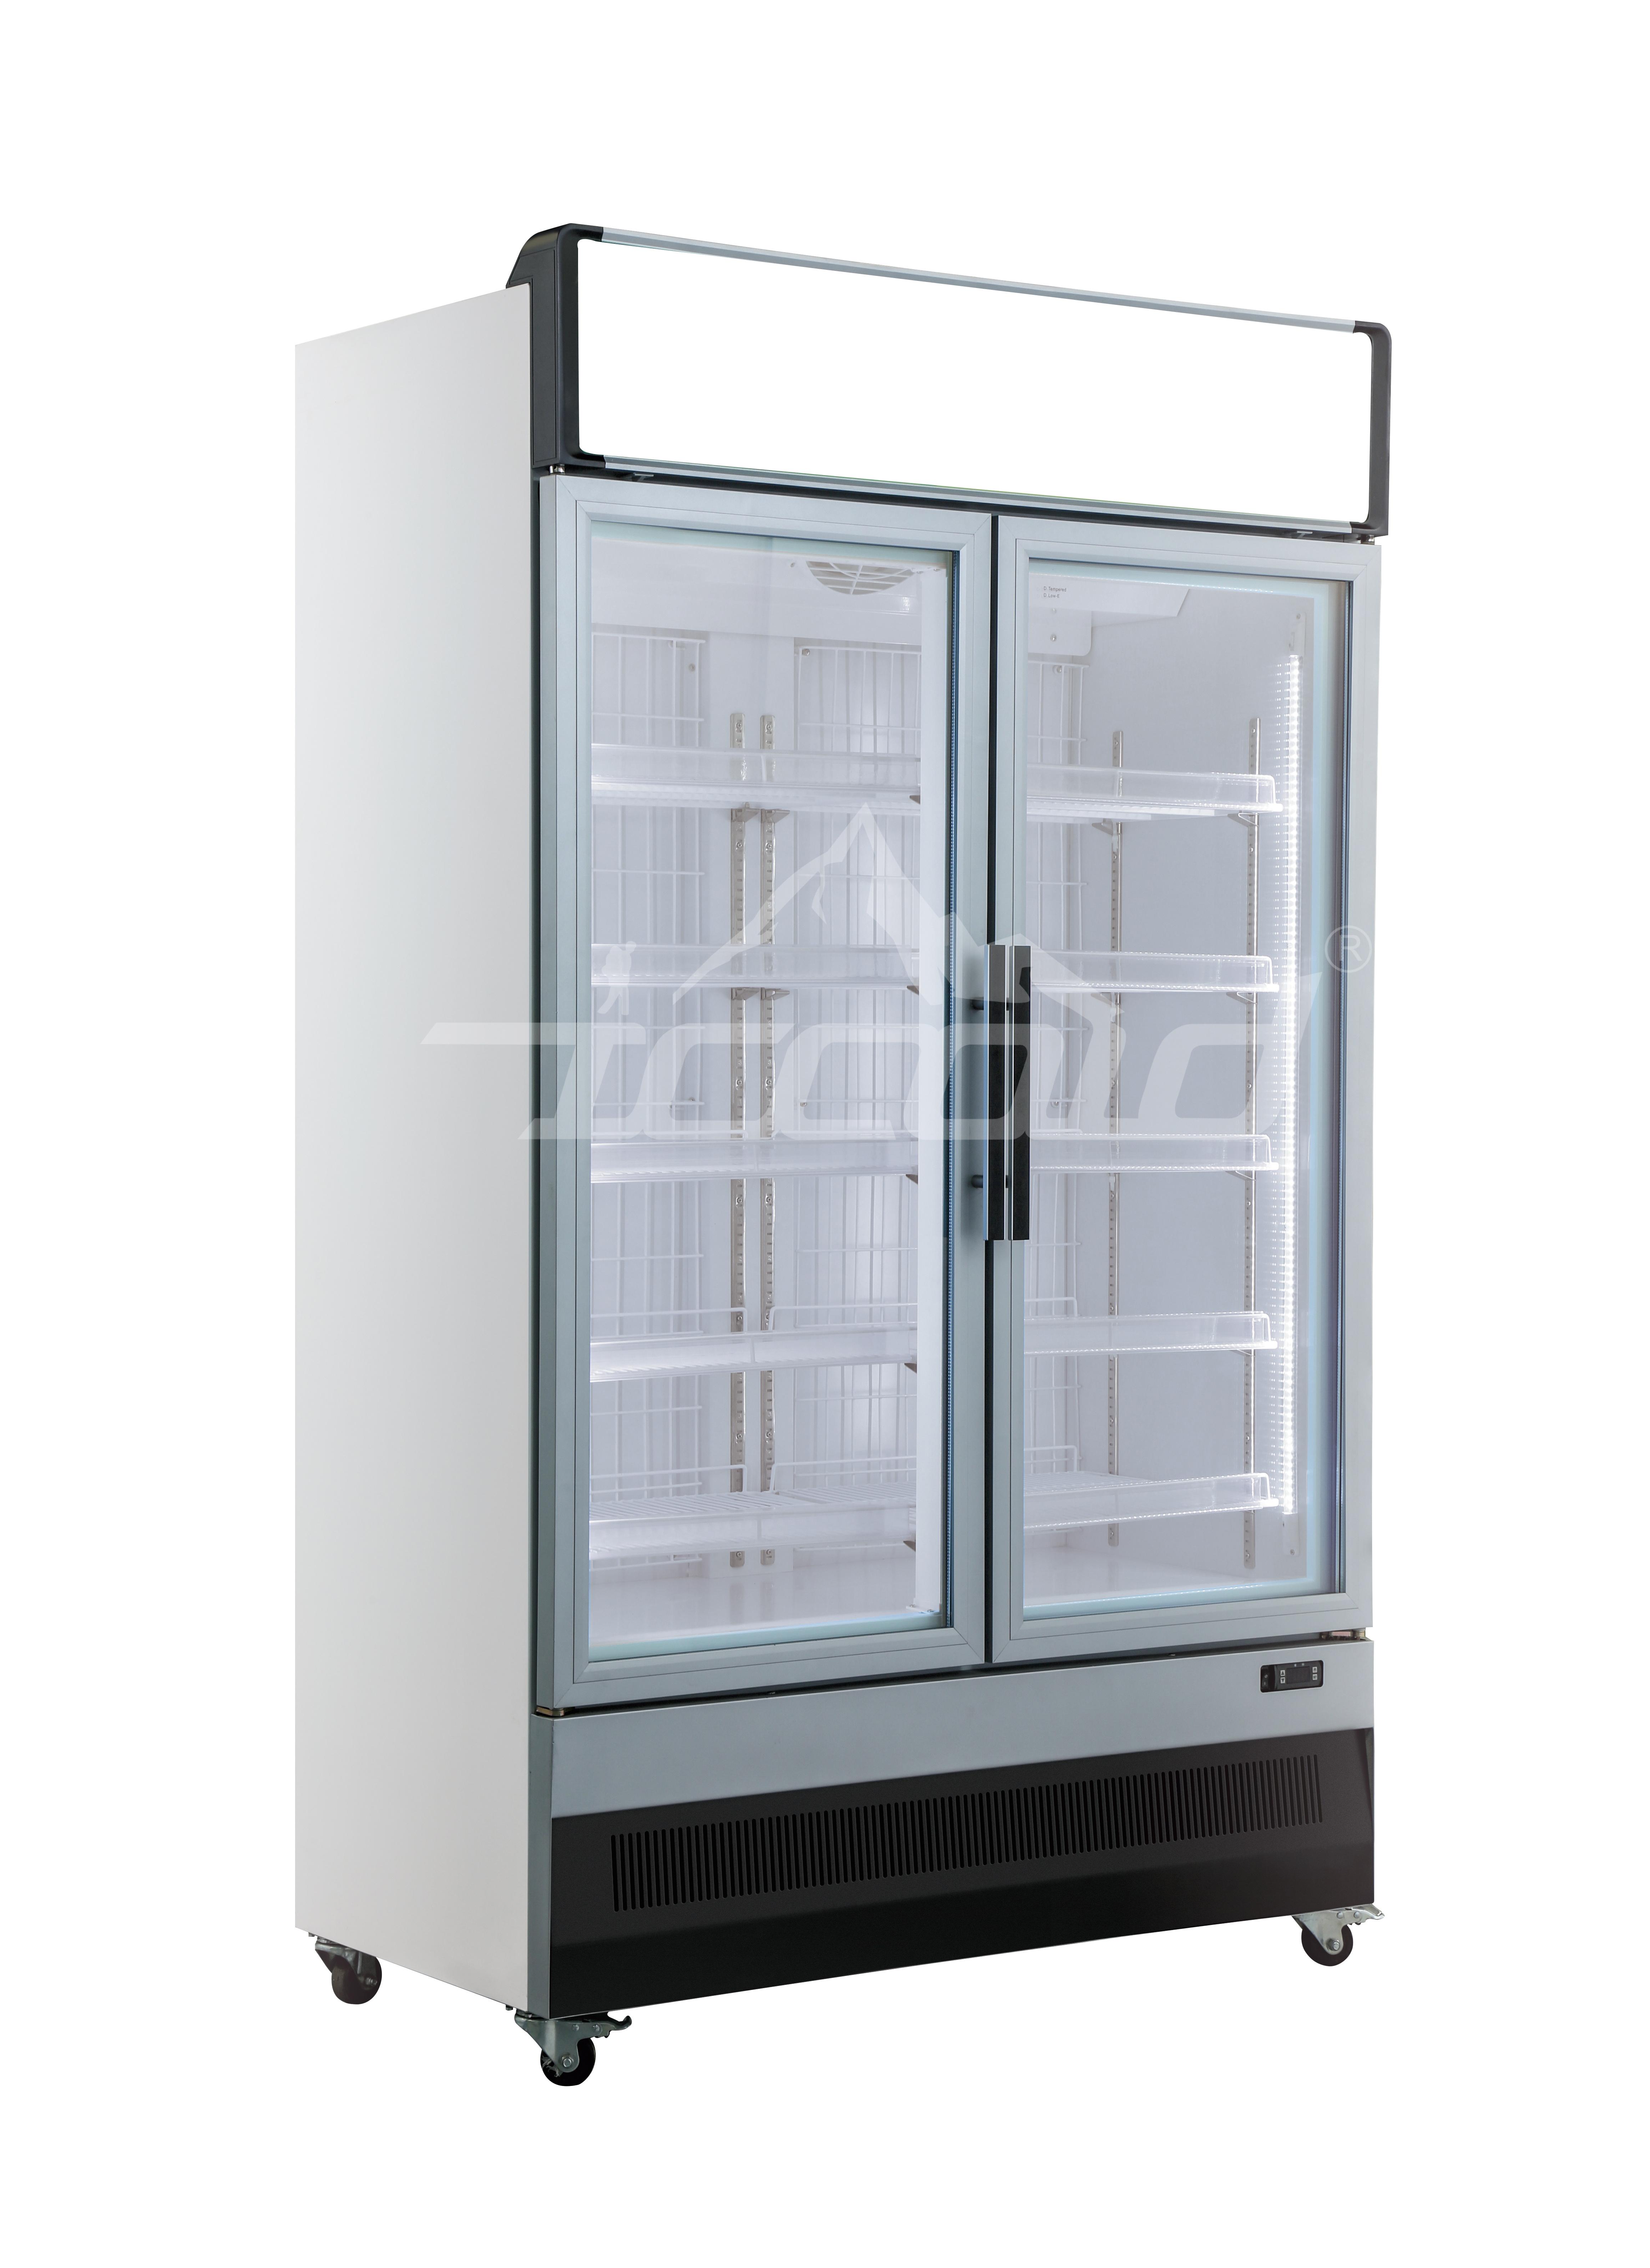 Vertical freezer 2door